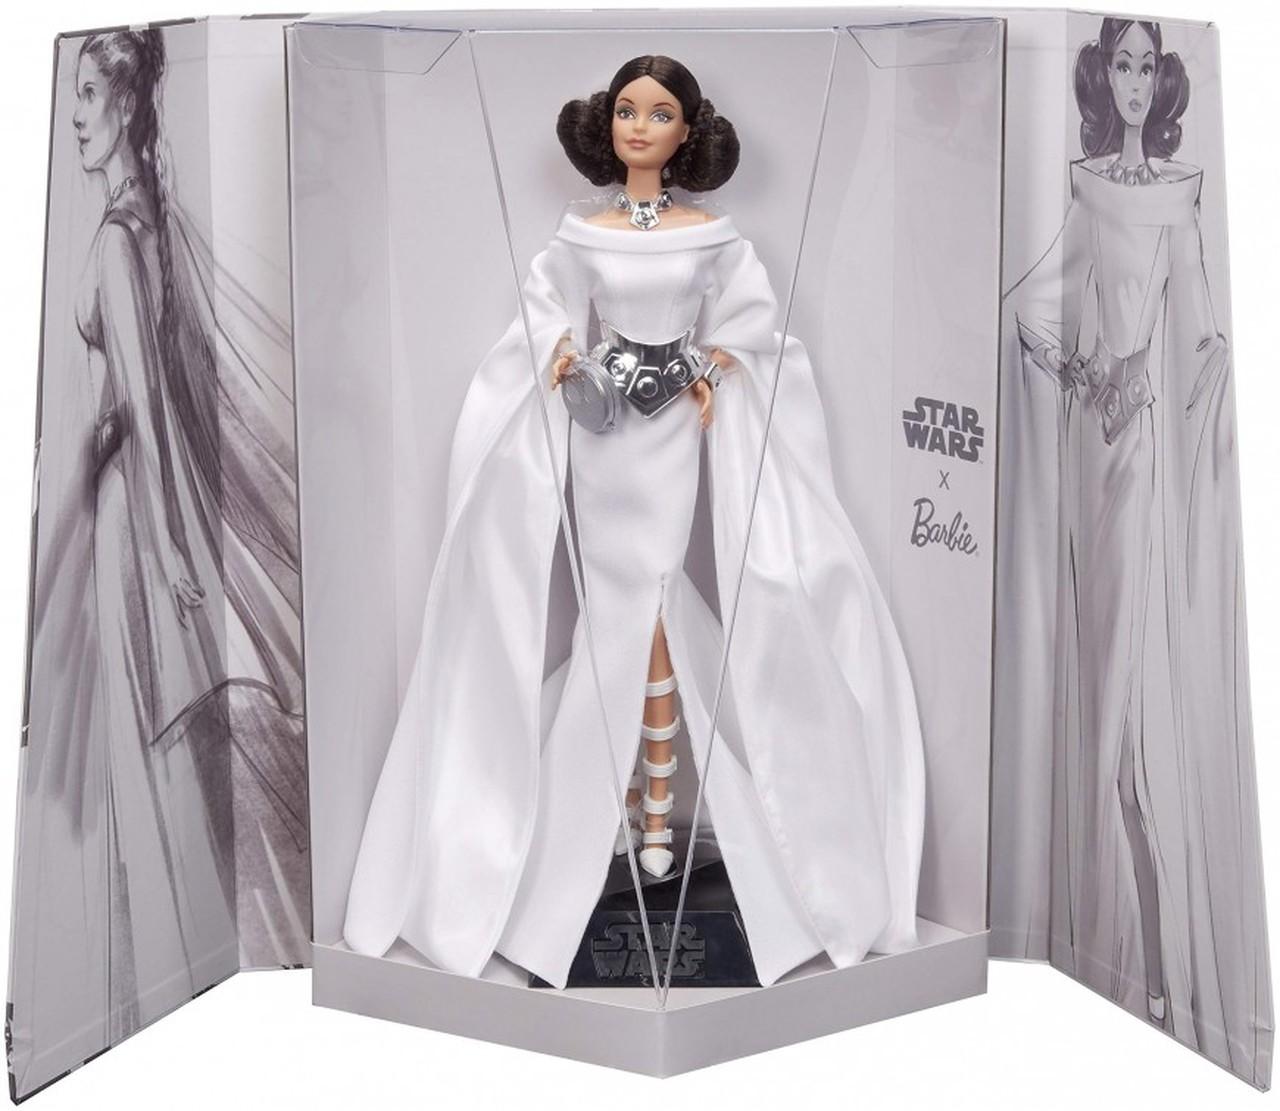 Barbie se joint à la royauté de Star Wars avec la poupée Princesse Leia